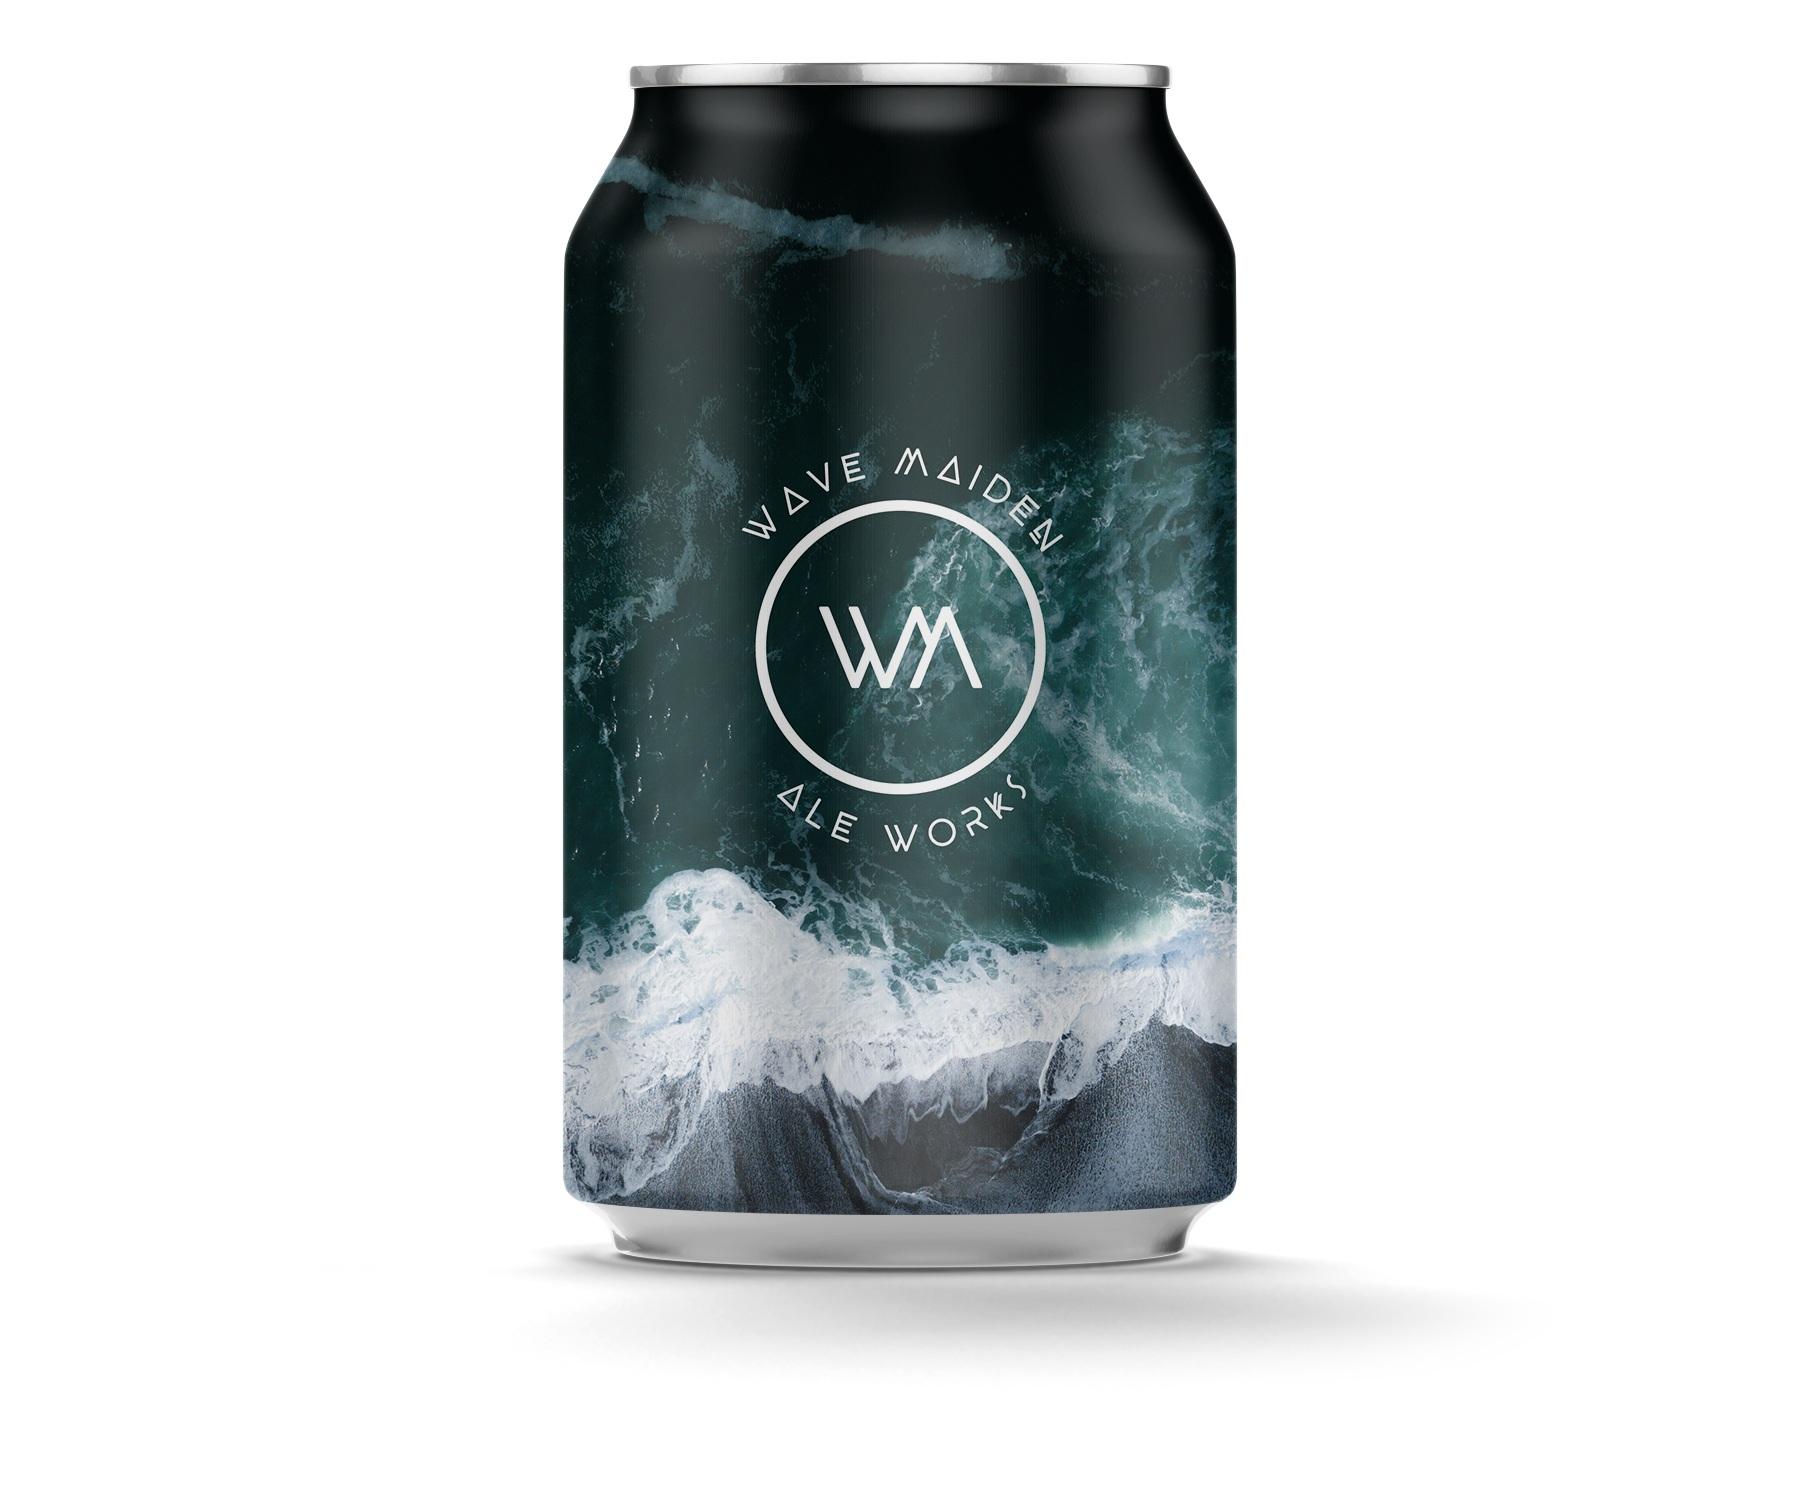 Wave Maiden Ale Works